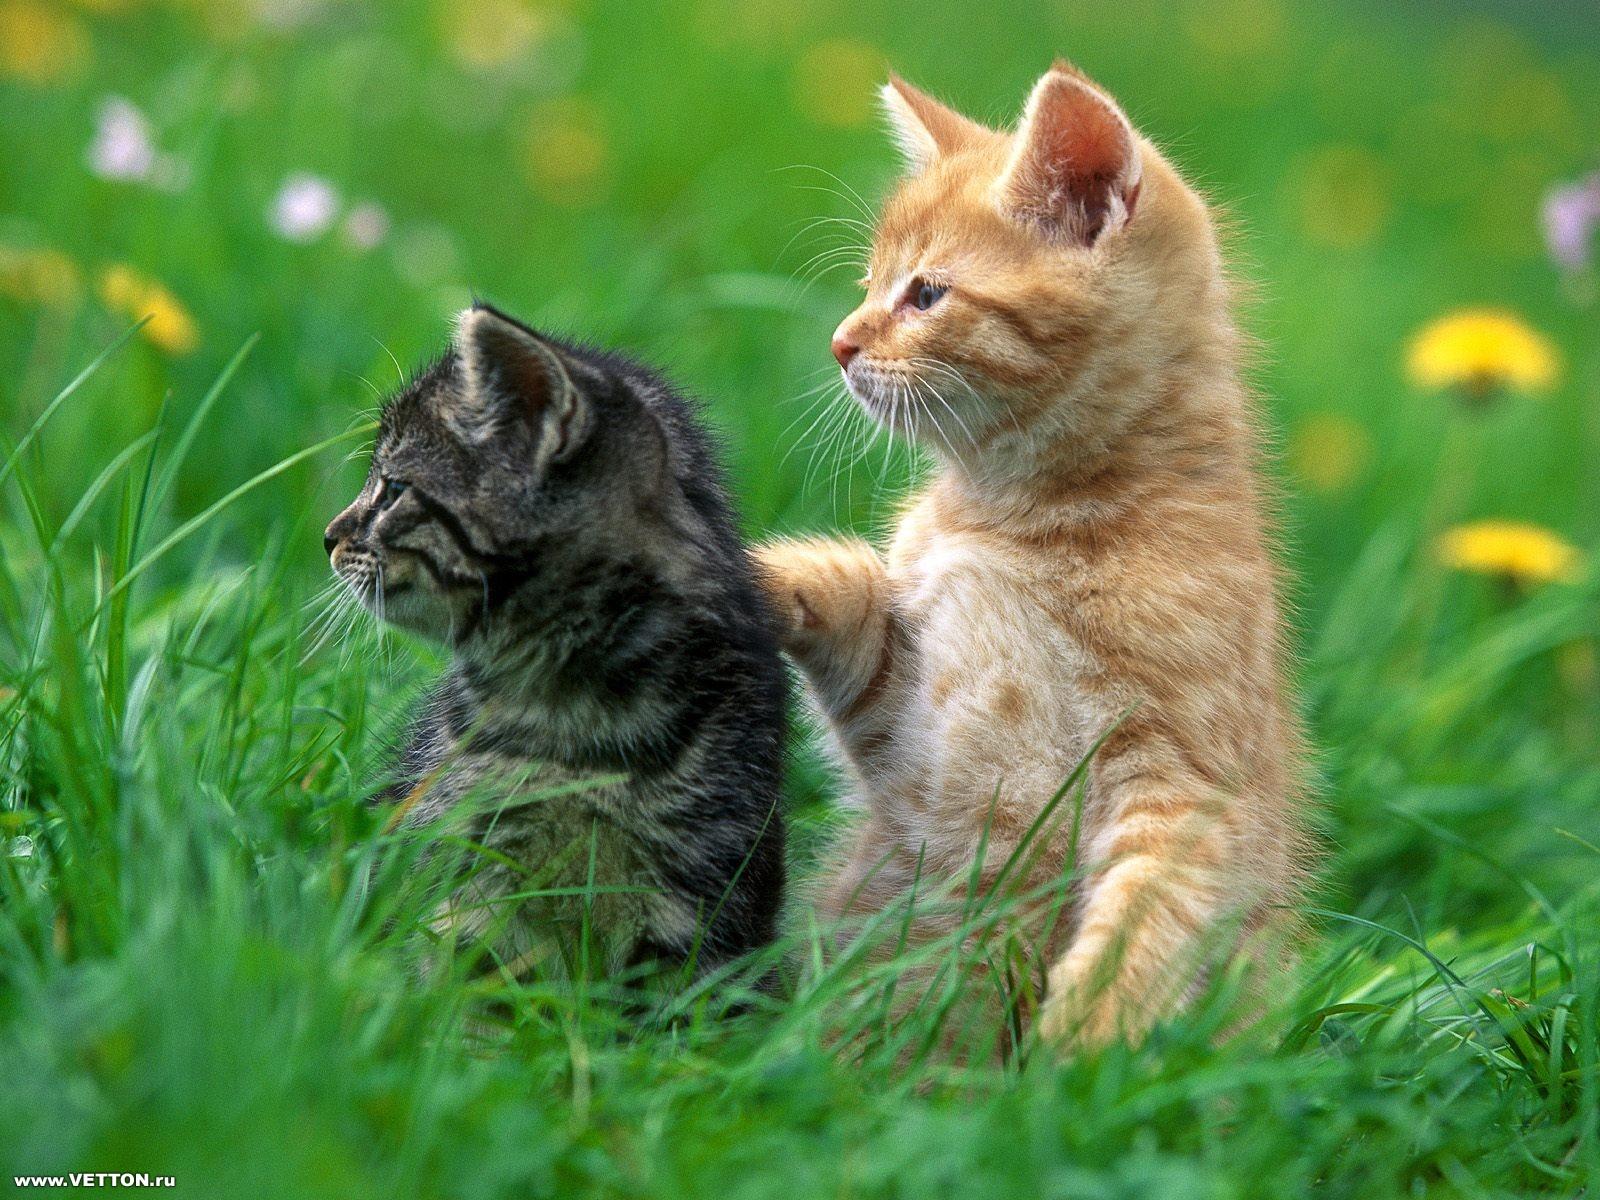 来看看可爱的逗趣小猫(转载)